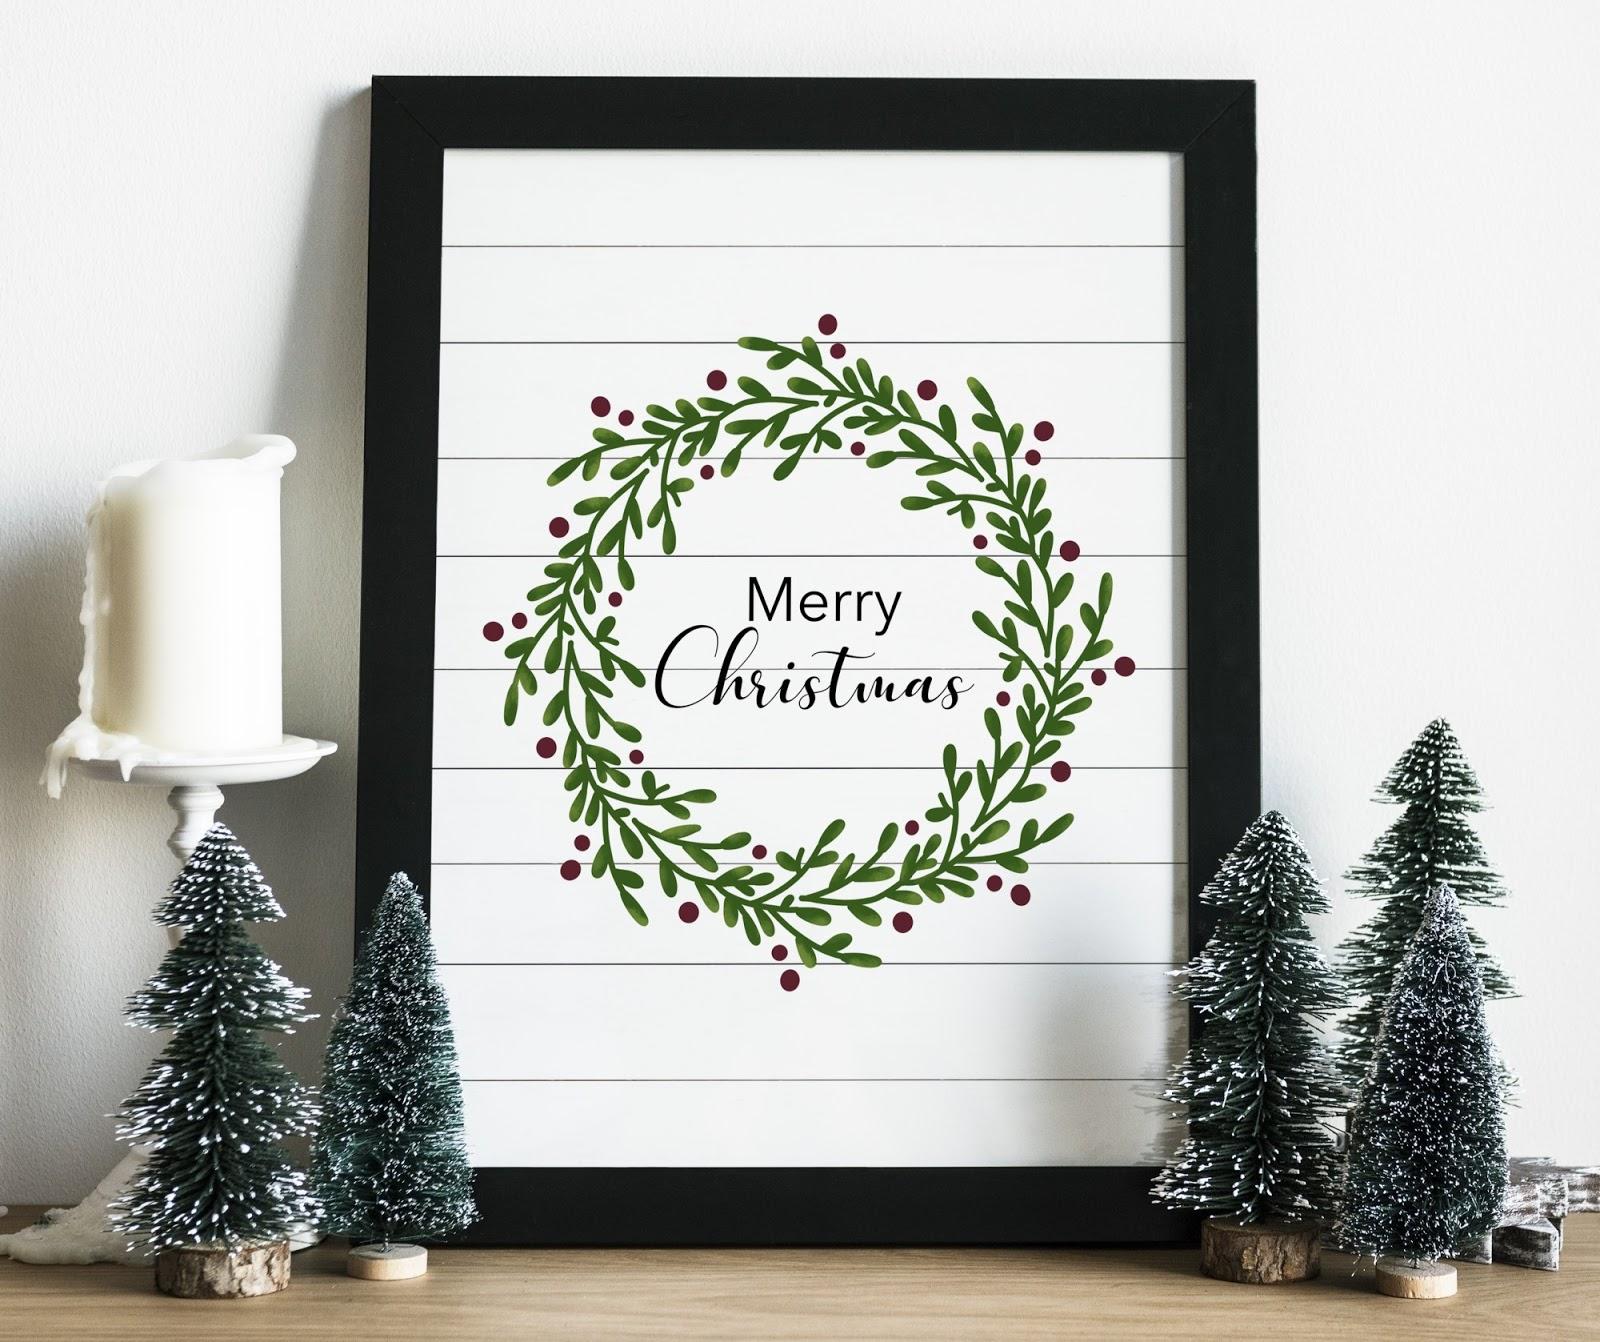 Shiplap farmhouse free Christmas wreath printable